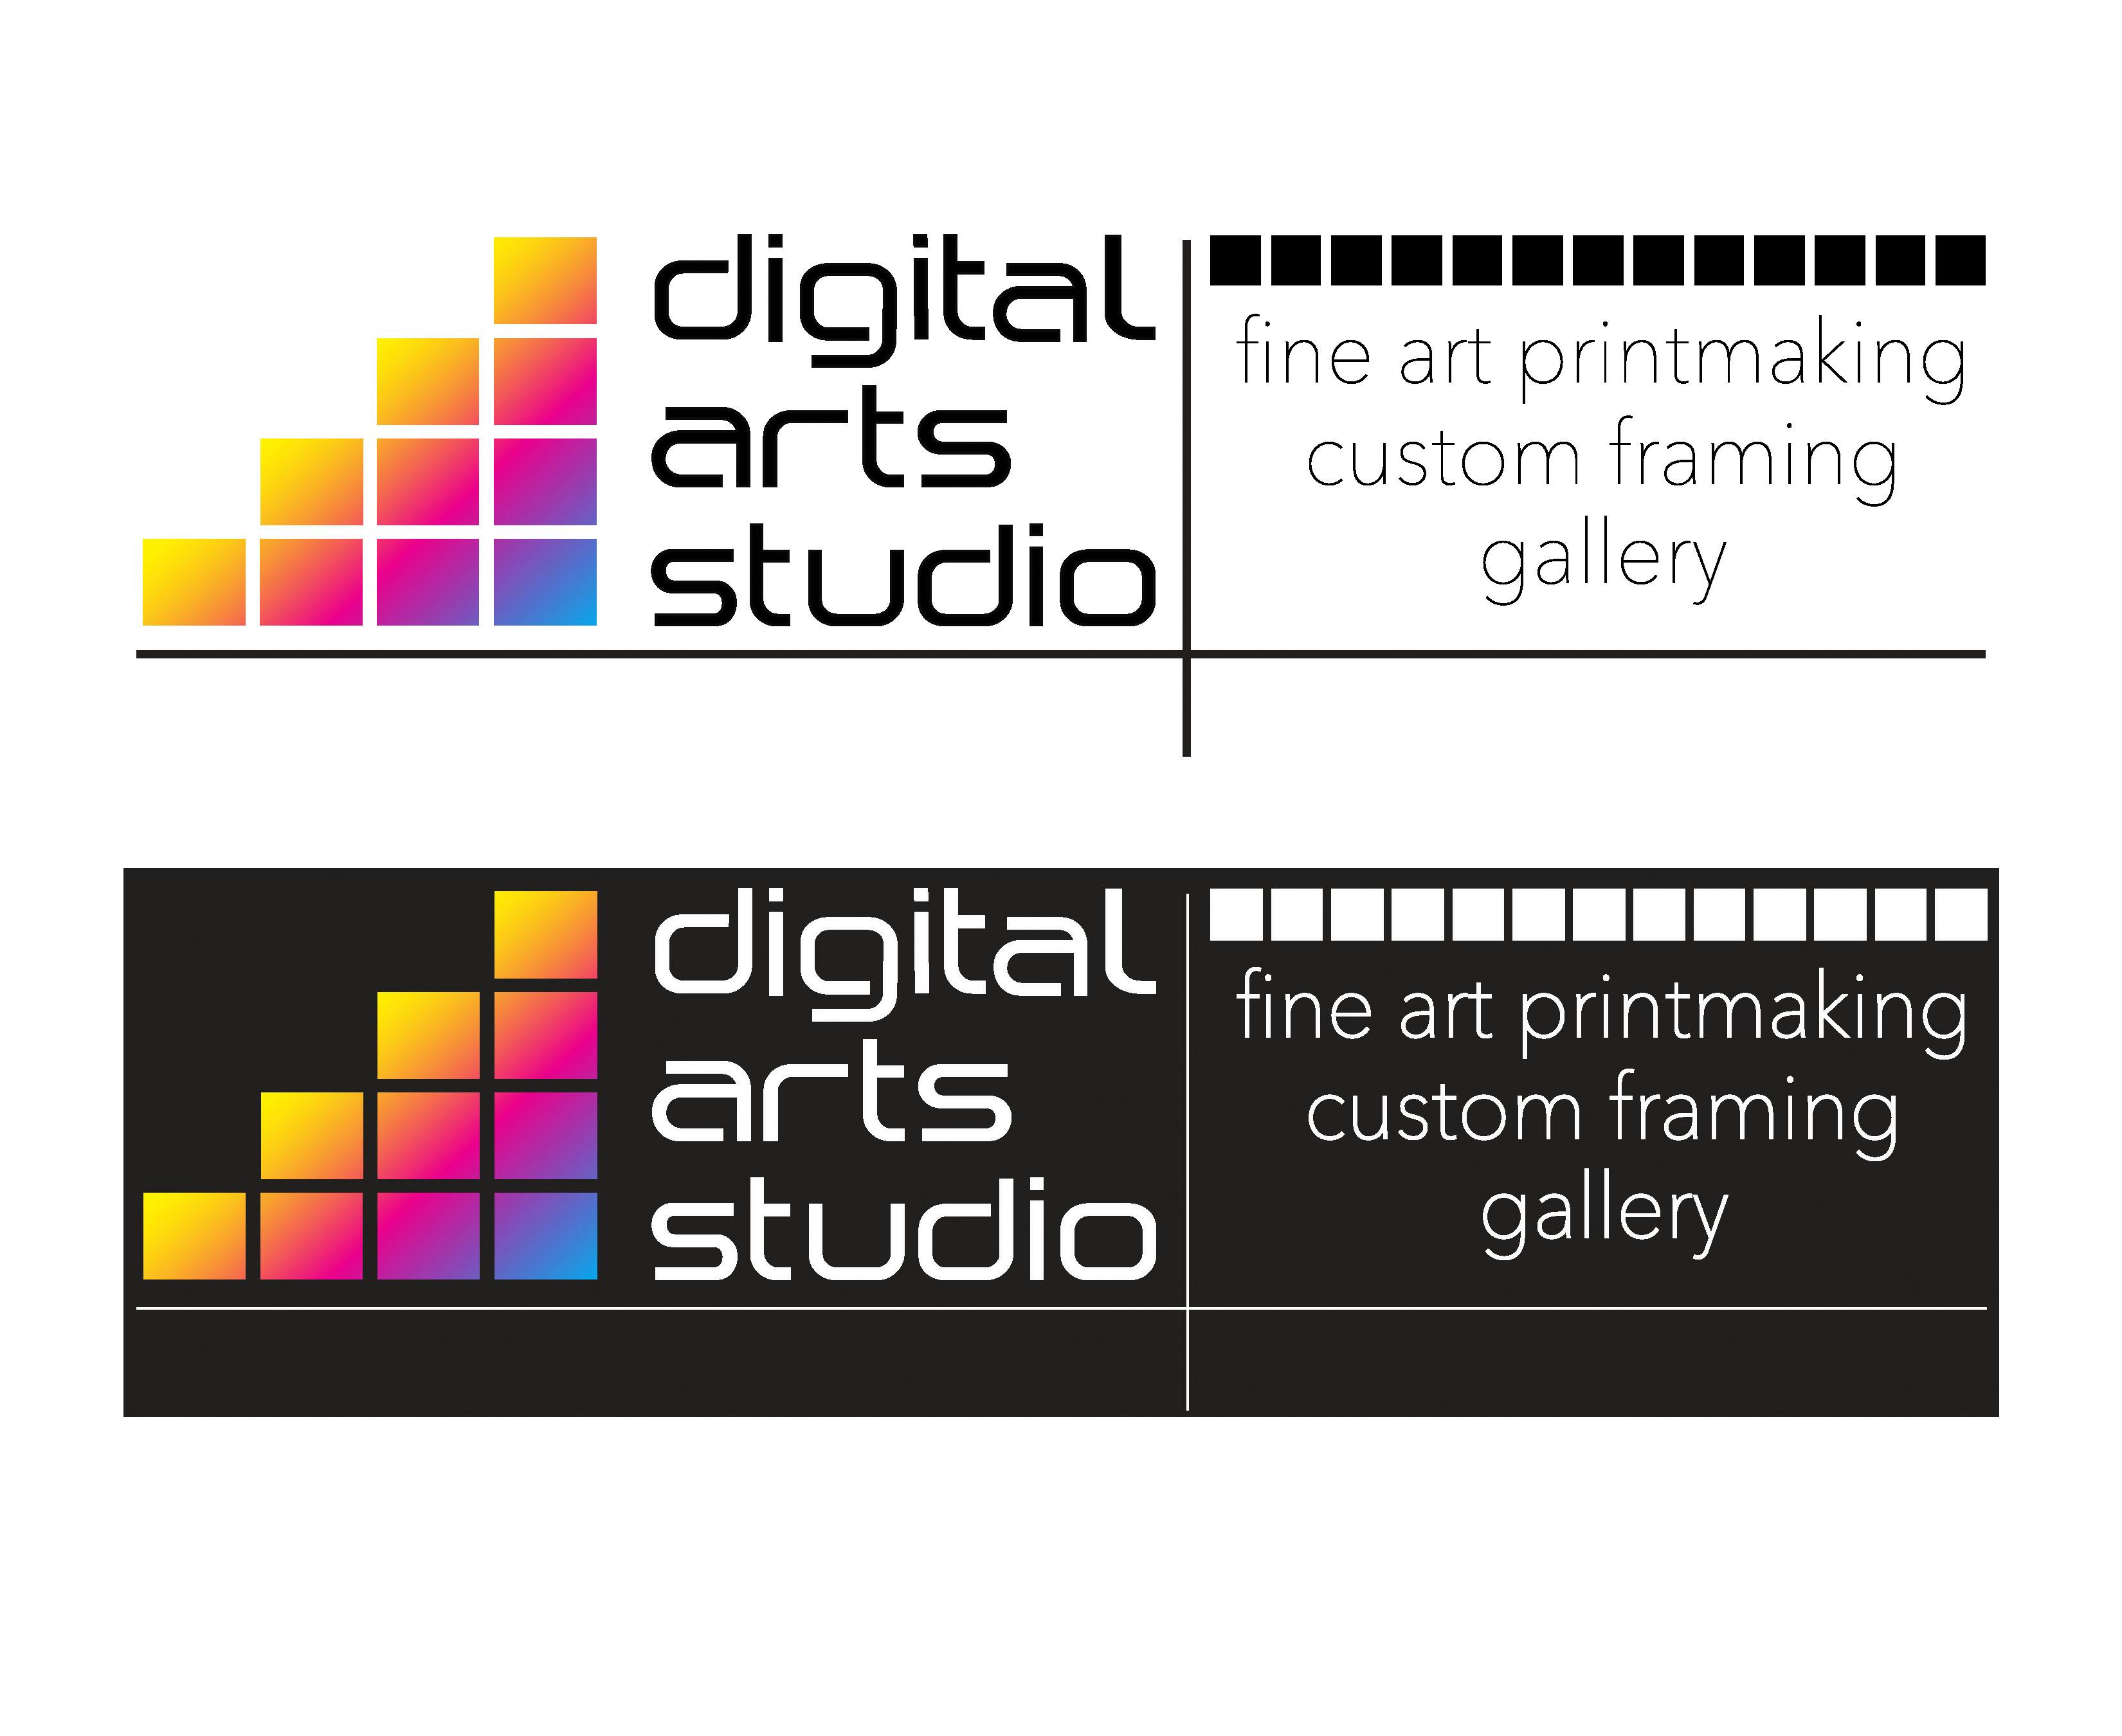 Giclee Printmaking and Custom Framing in Atlanta | Digital Arts Studio